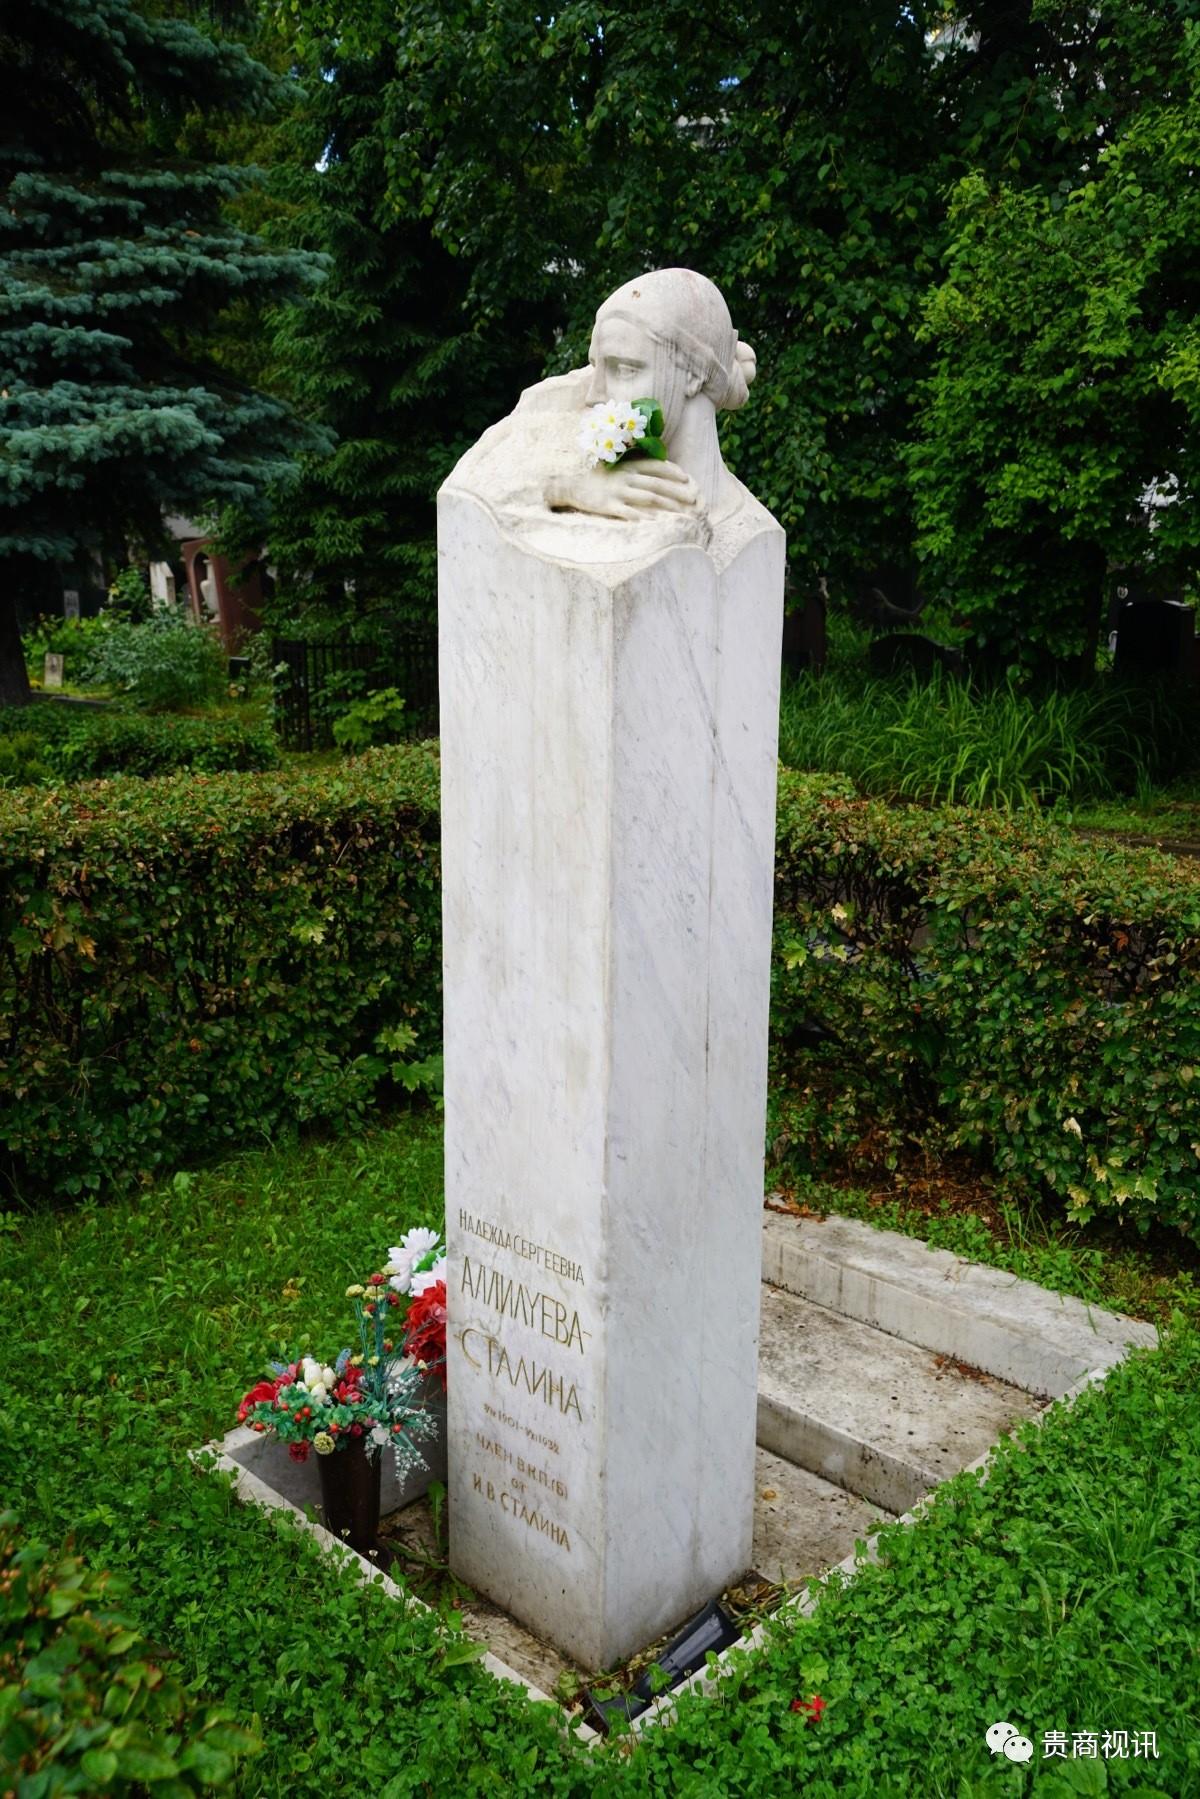 斯大林的夫人纳杰日达.阿利卢耶娃  31岁自杀。她墓碑上鸽子般洁白的雕像窒息在孤寂中,控诉着一个严酷的时代 。  娜杰日达多知民间疾苦,与列宁夫人克鲁普斯卡娅是好朋友,政治见解十分接近,与斯大林有不同见解。因为这些原因,娜杰日达内心非常苦闷,于1932年11月8日十月革命15周年的第二天自杀了,享年仅31岁(1901.9.9日~1932.11.8日)。